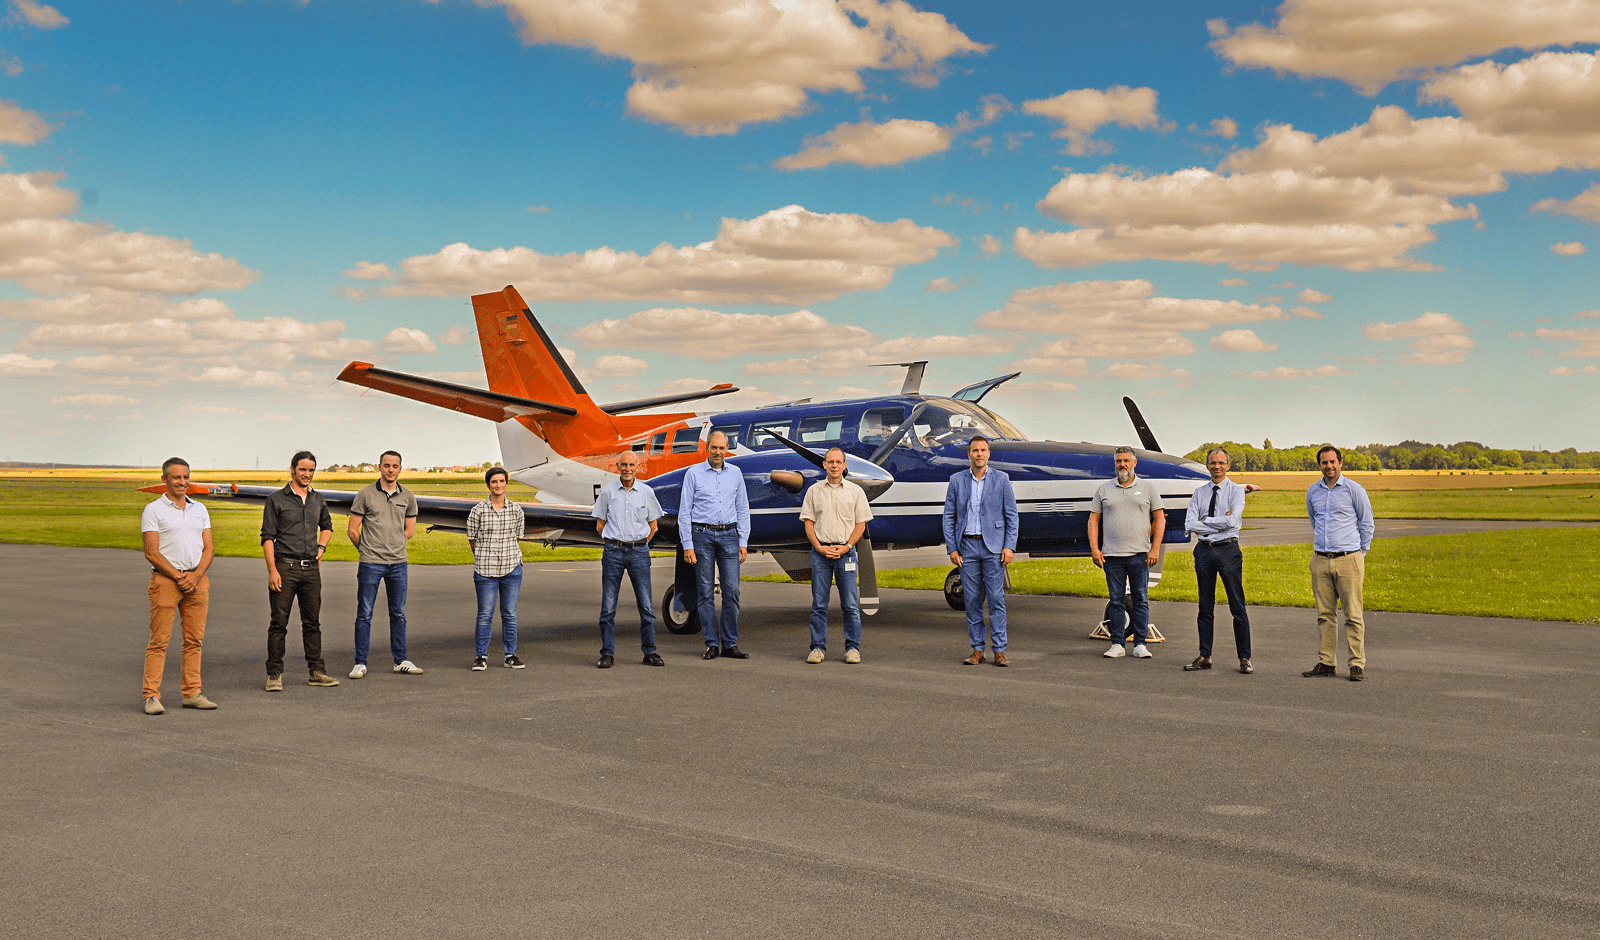 ASI Group annonce la livraison d'un F406 «Mission» à l'Institut Universitaire de Braunschweig